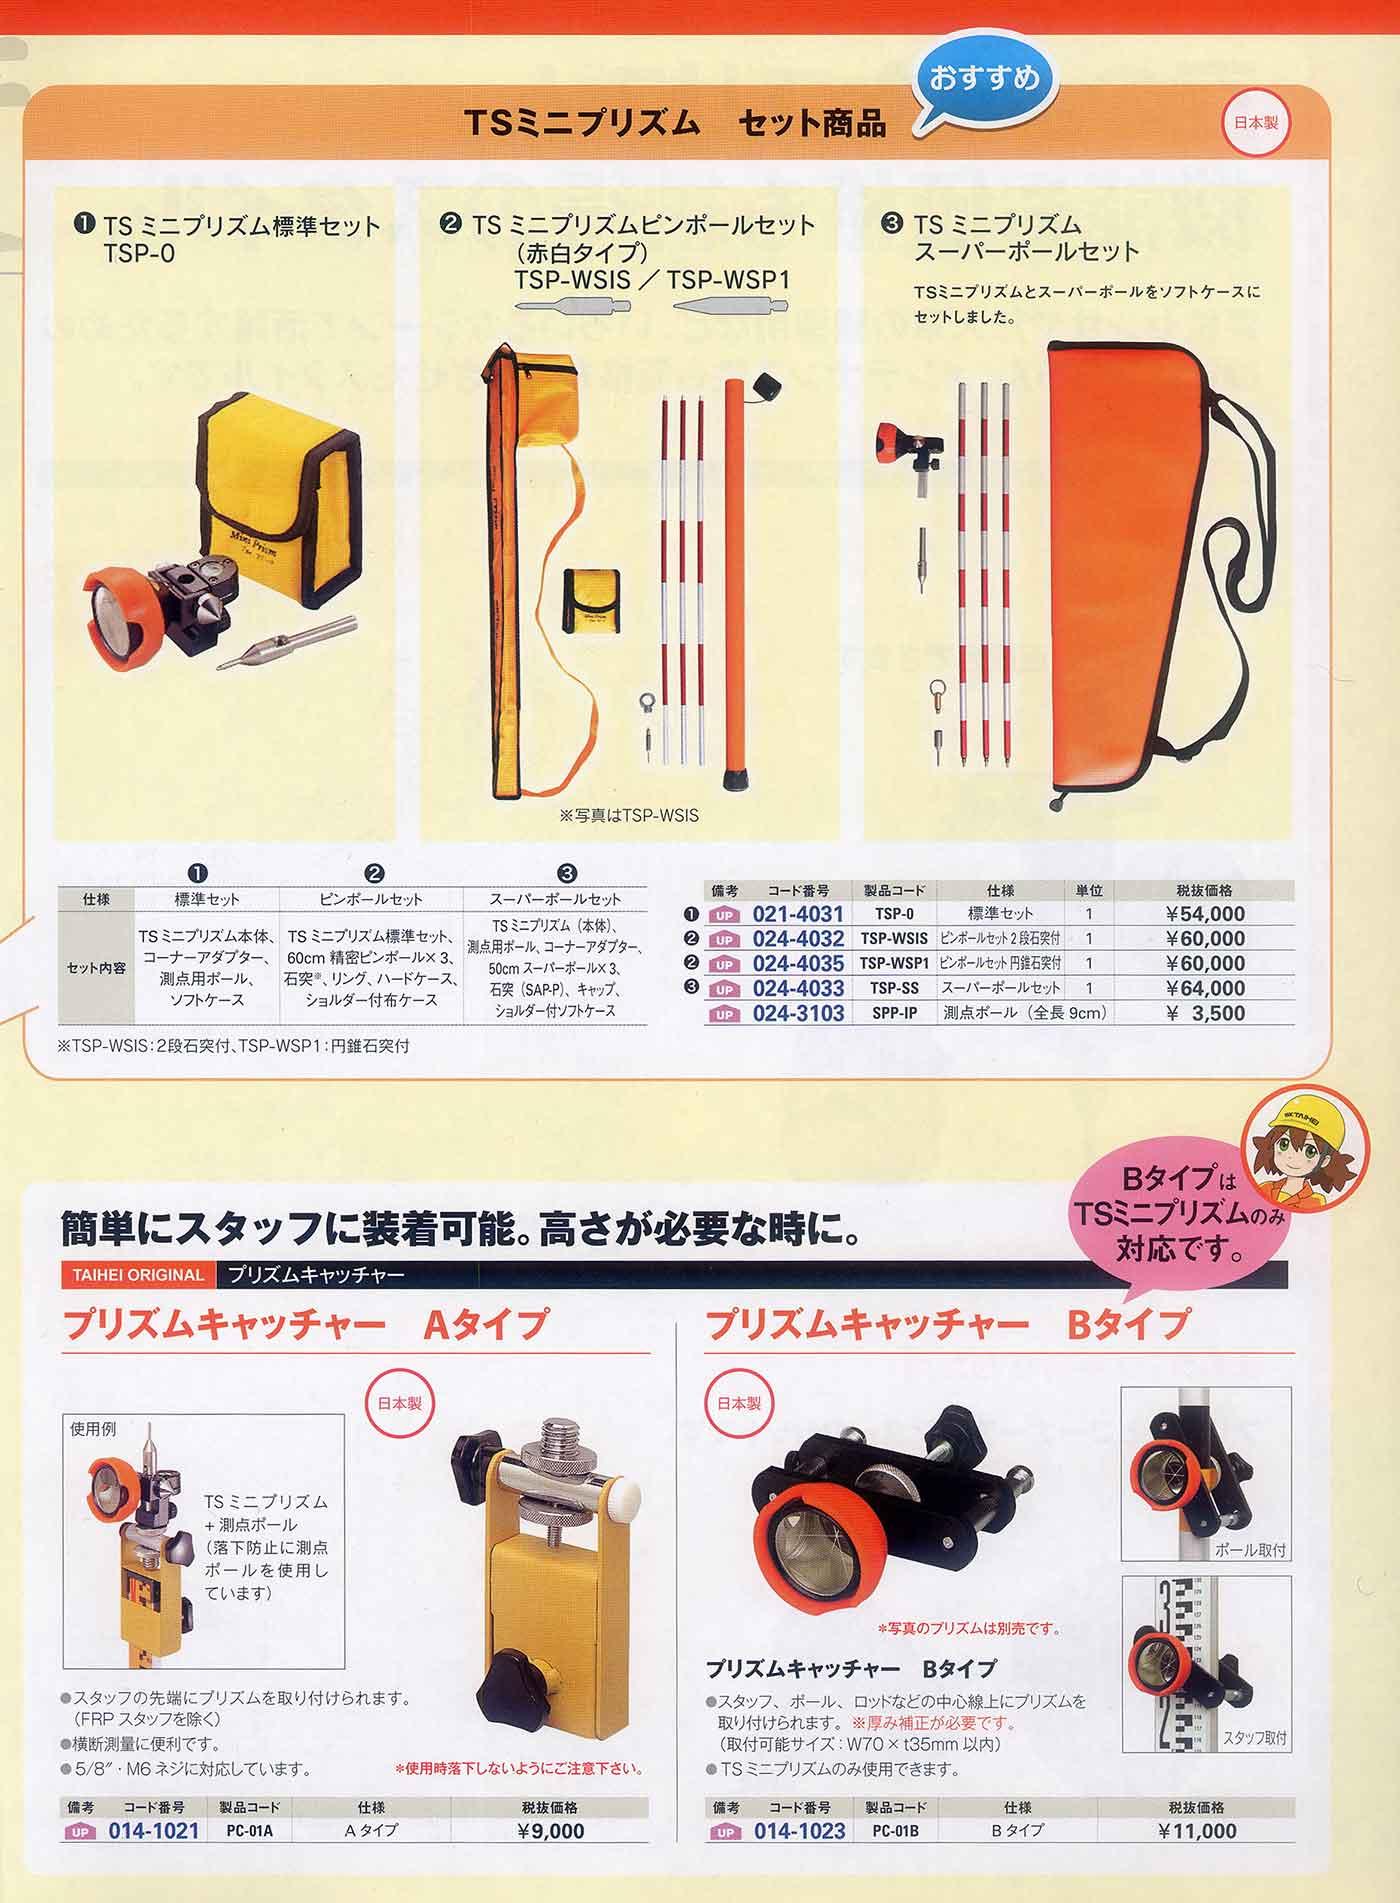 日本製TSミニプリズム ピンポールセット